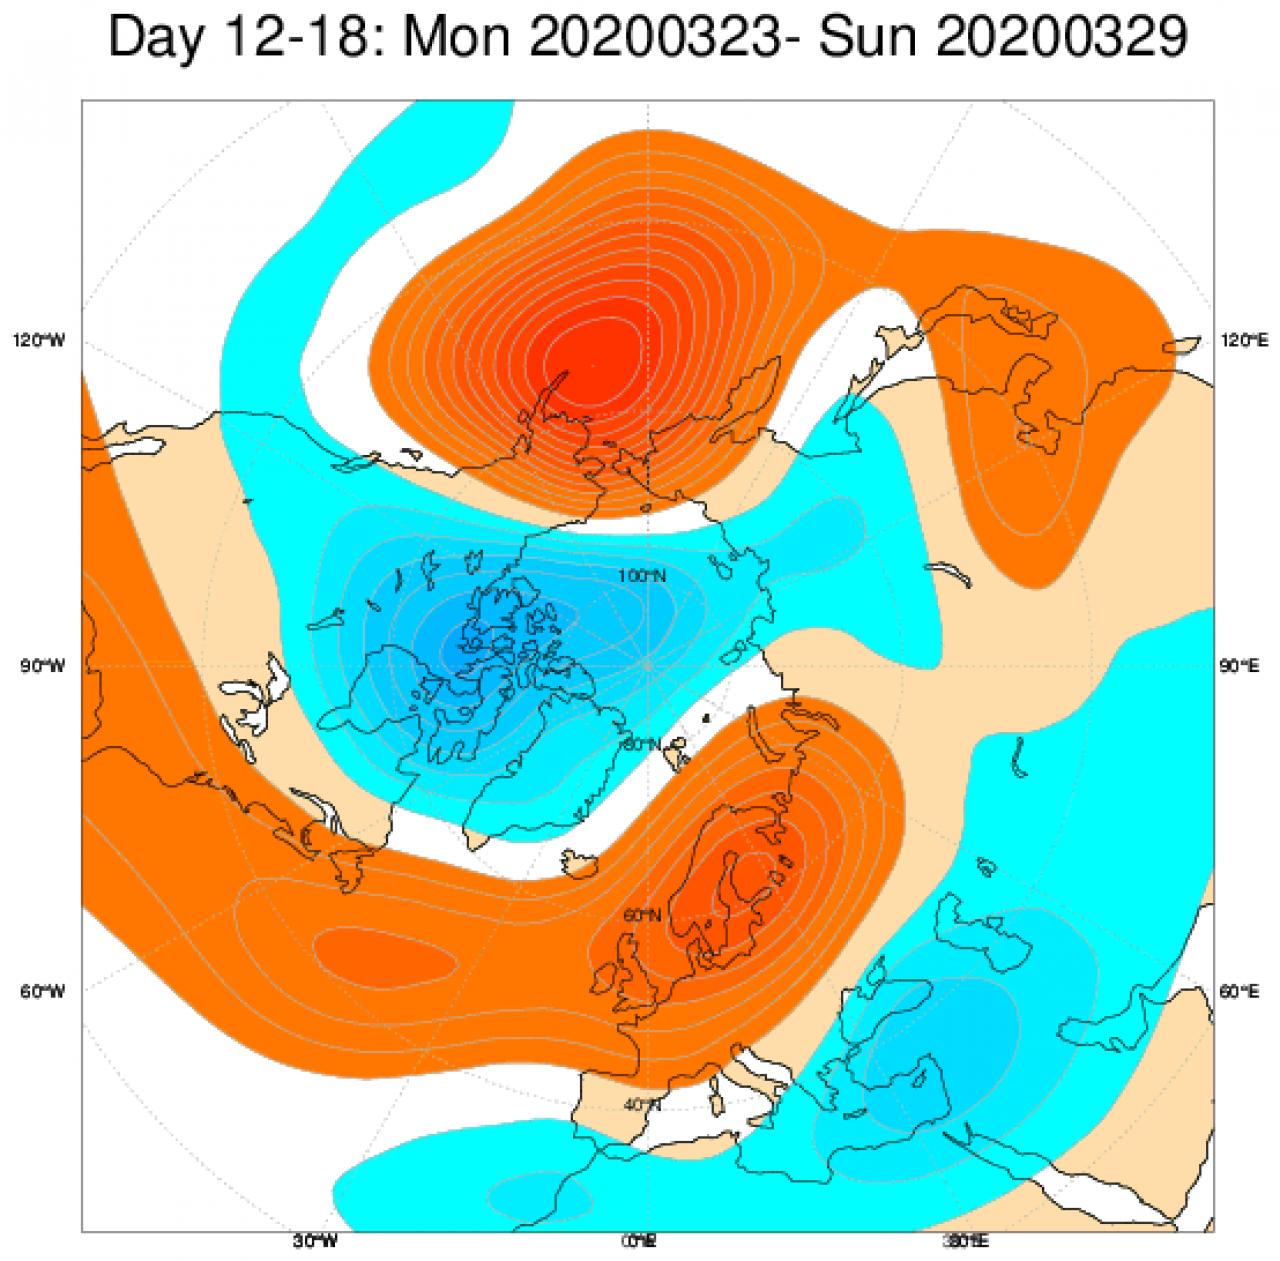 Media di ensemble del modello inglese ECMWF relativa all'anomalia di Altezza di Geopotenziale a 500 hPa (circa 5.500 metri) per il periodo 23-29 marzo 2020